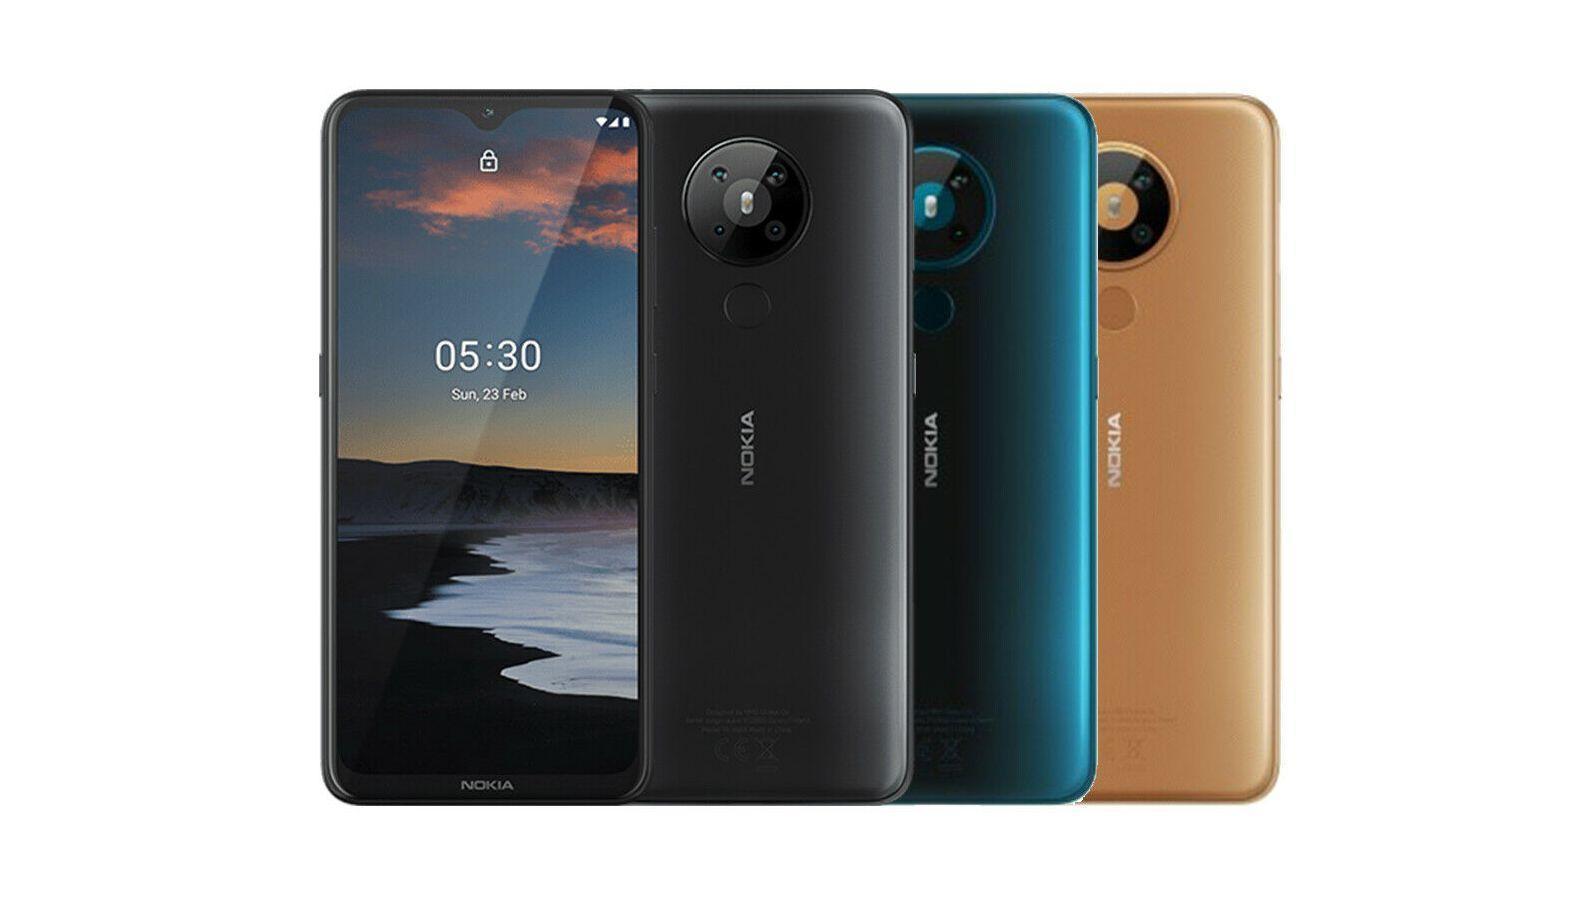 Nokia представила сразу два новых бюджетных смартфона